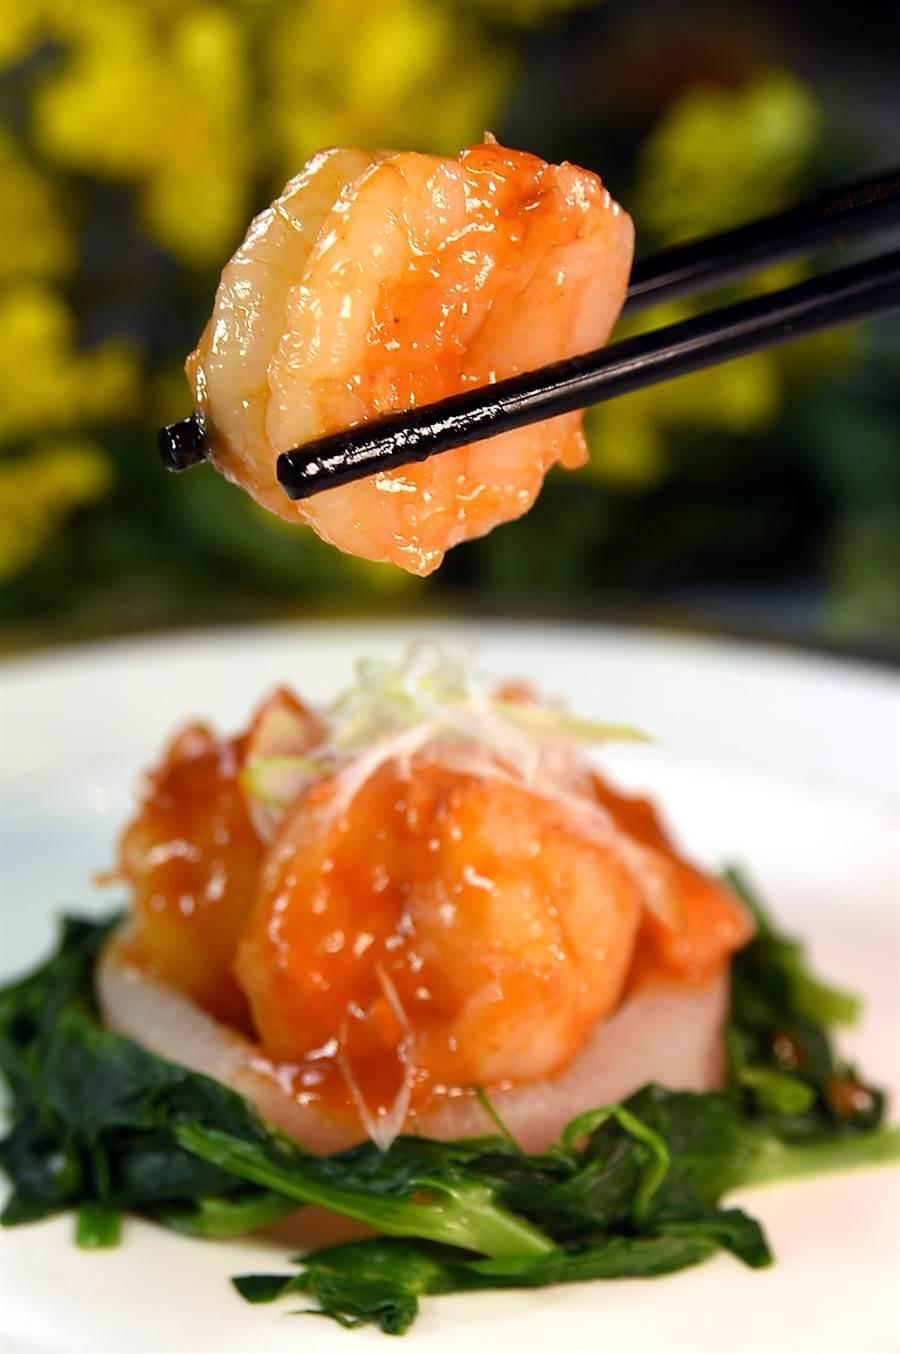 〈乾燒酒釀汁明蝦球〉是將明蝦在熱油中泡熟後,再在鍋中下了茄汁、豆瓣醬和酒釀快炒,成菜後風味甚好。(圖/姚舜)